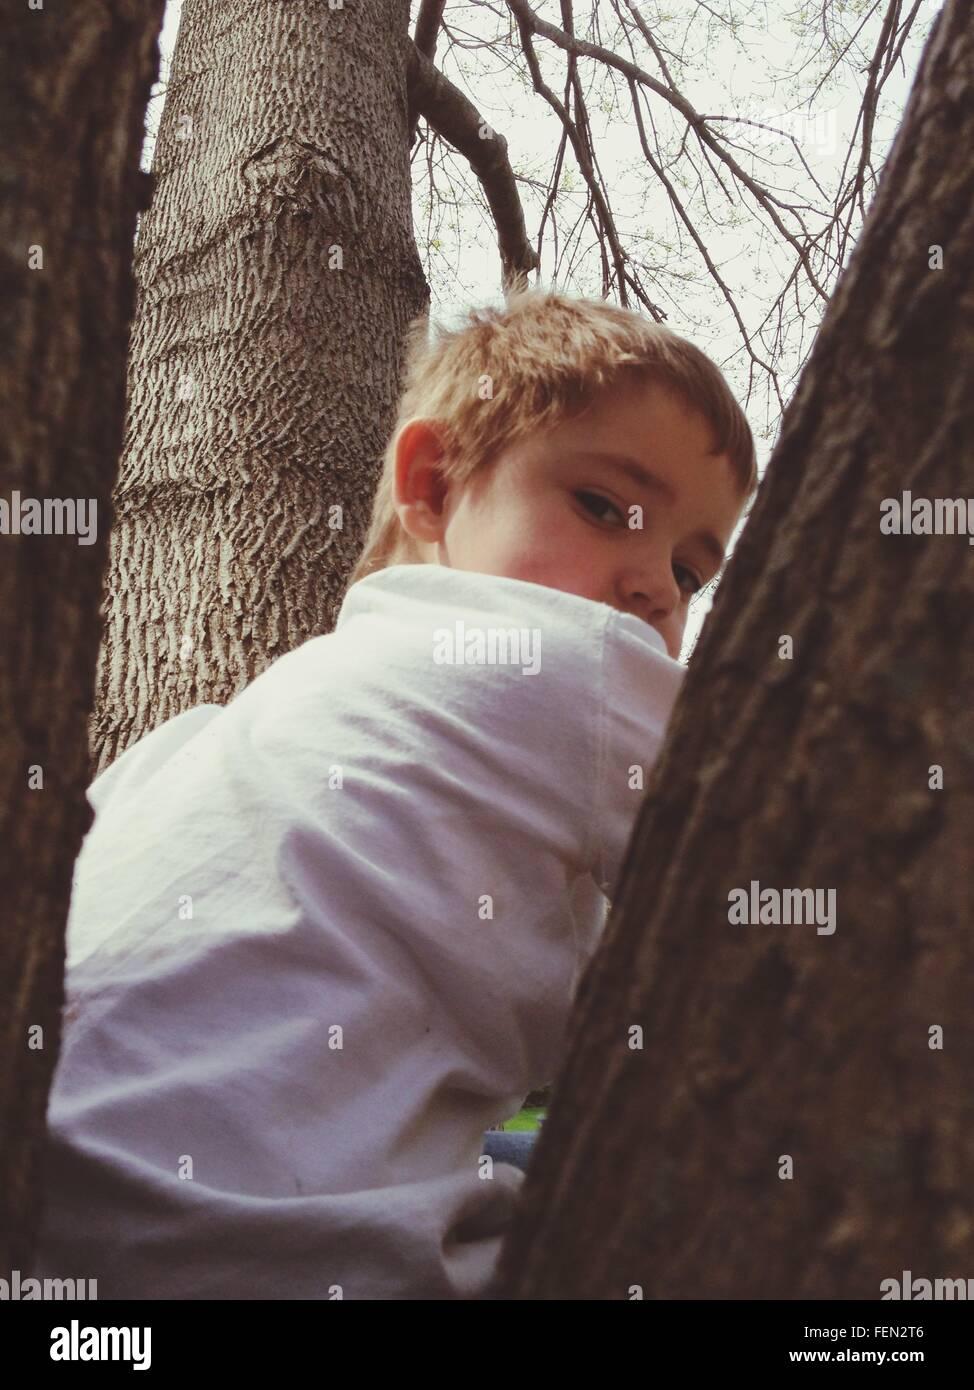 Ritratto di ragazzo seduto in posizione di parcheggio Immagini Stock